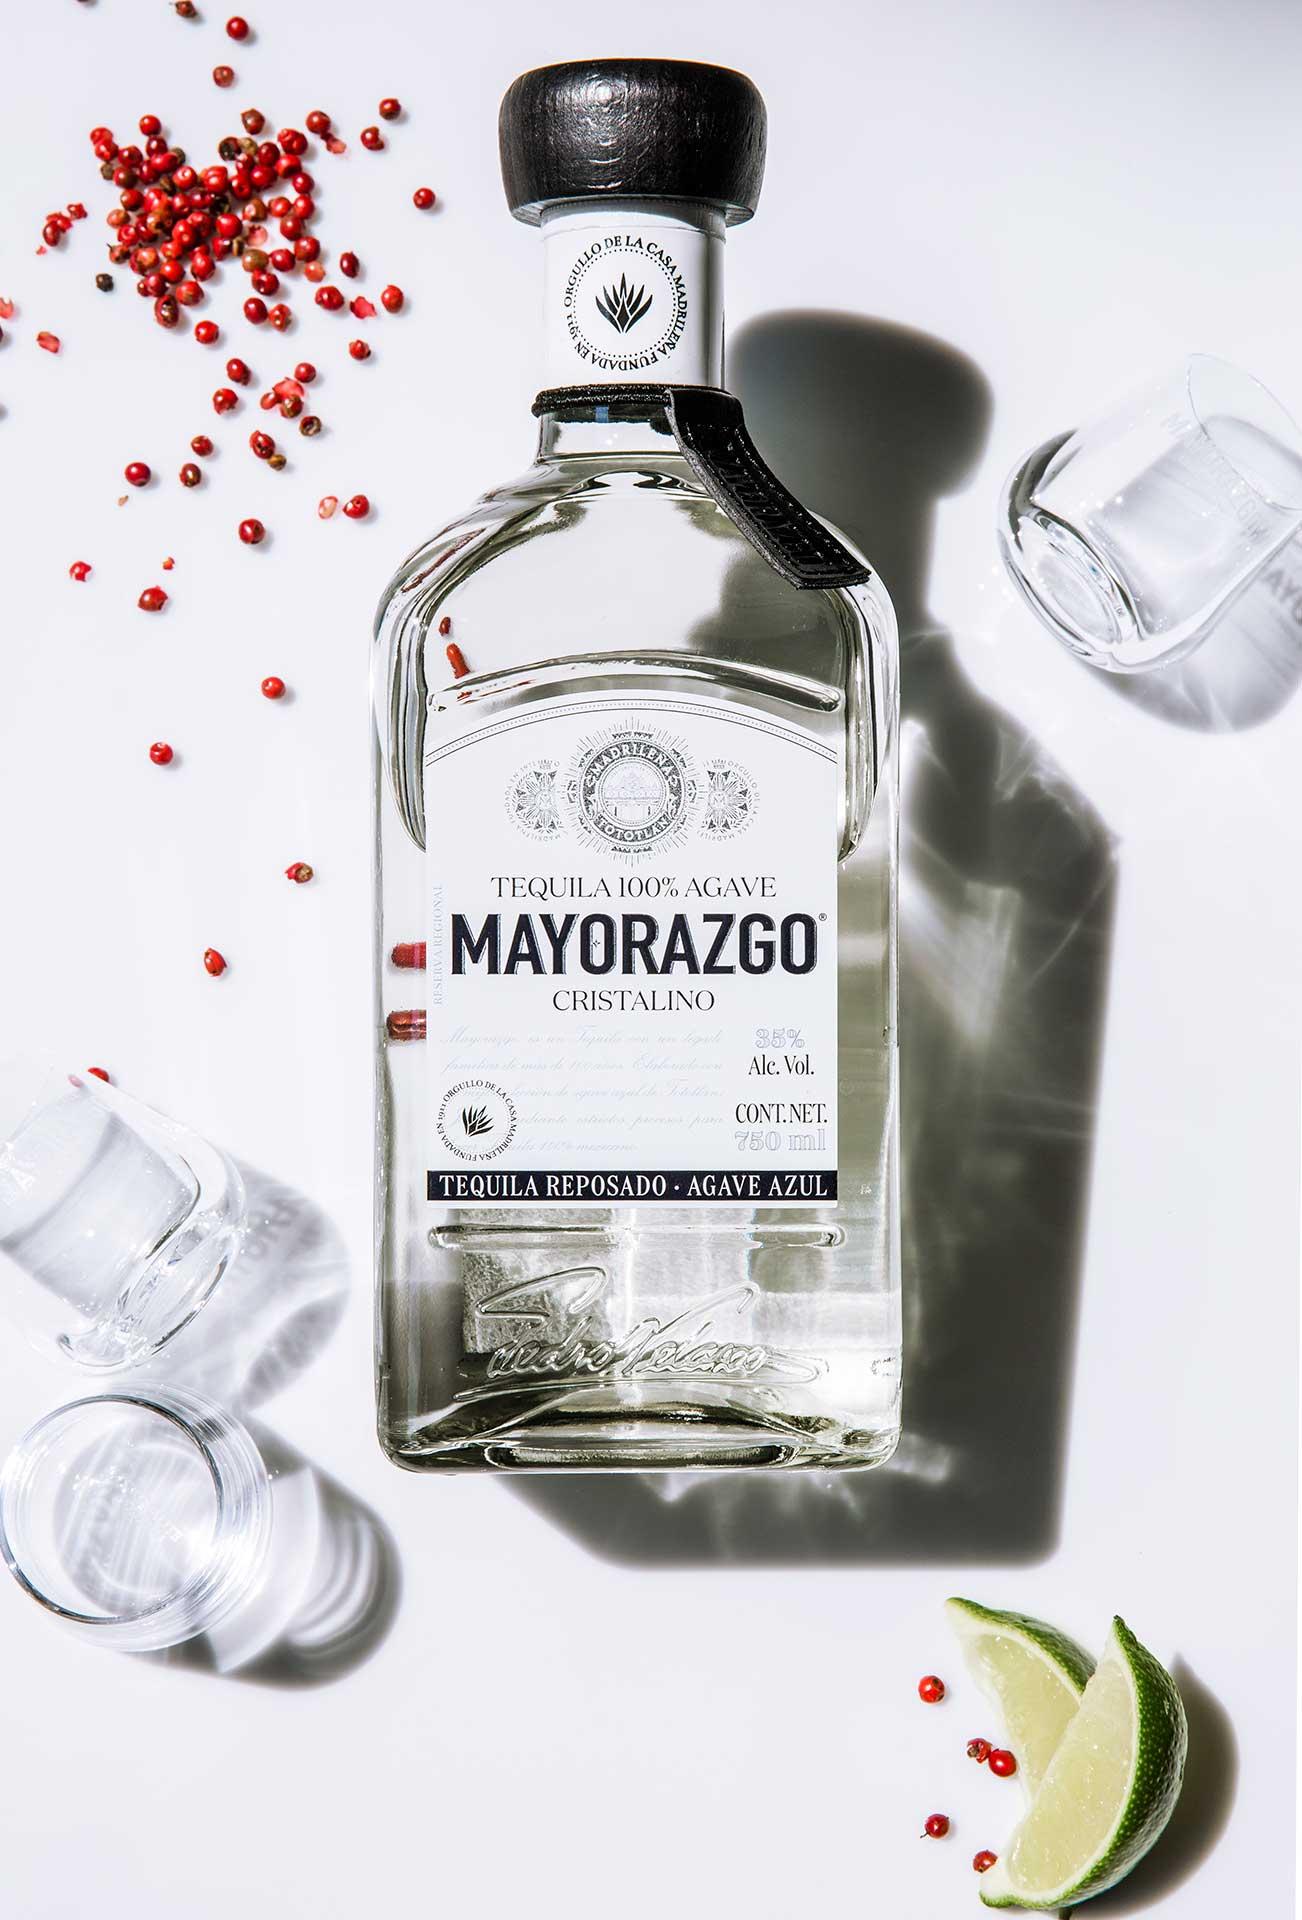 Tequila Mayorazgo